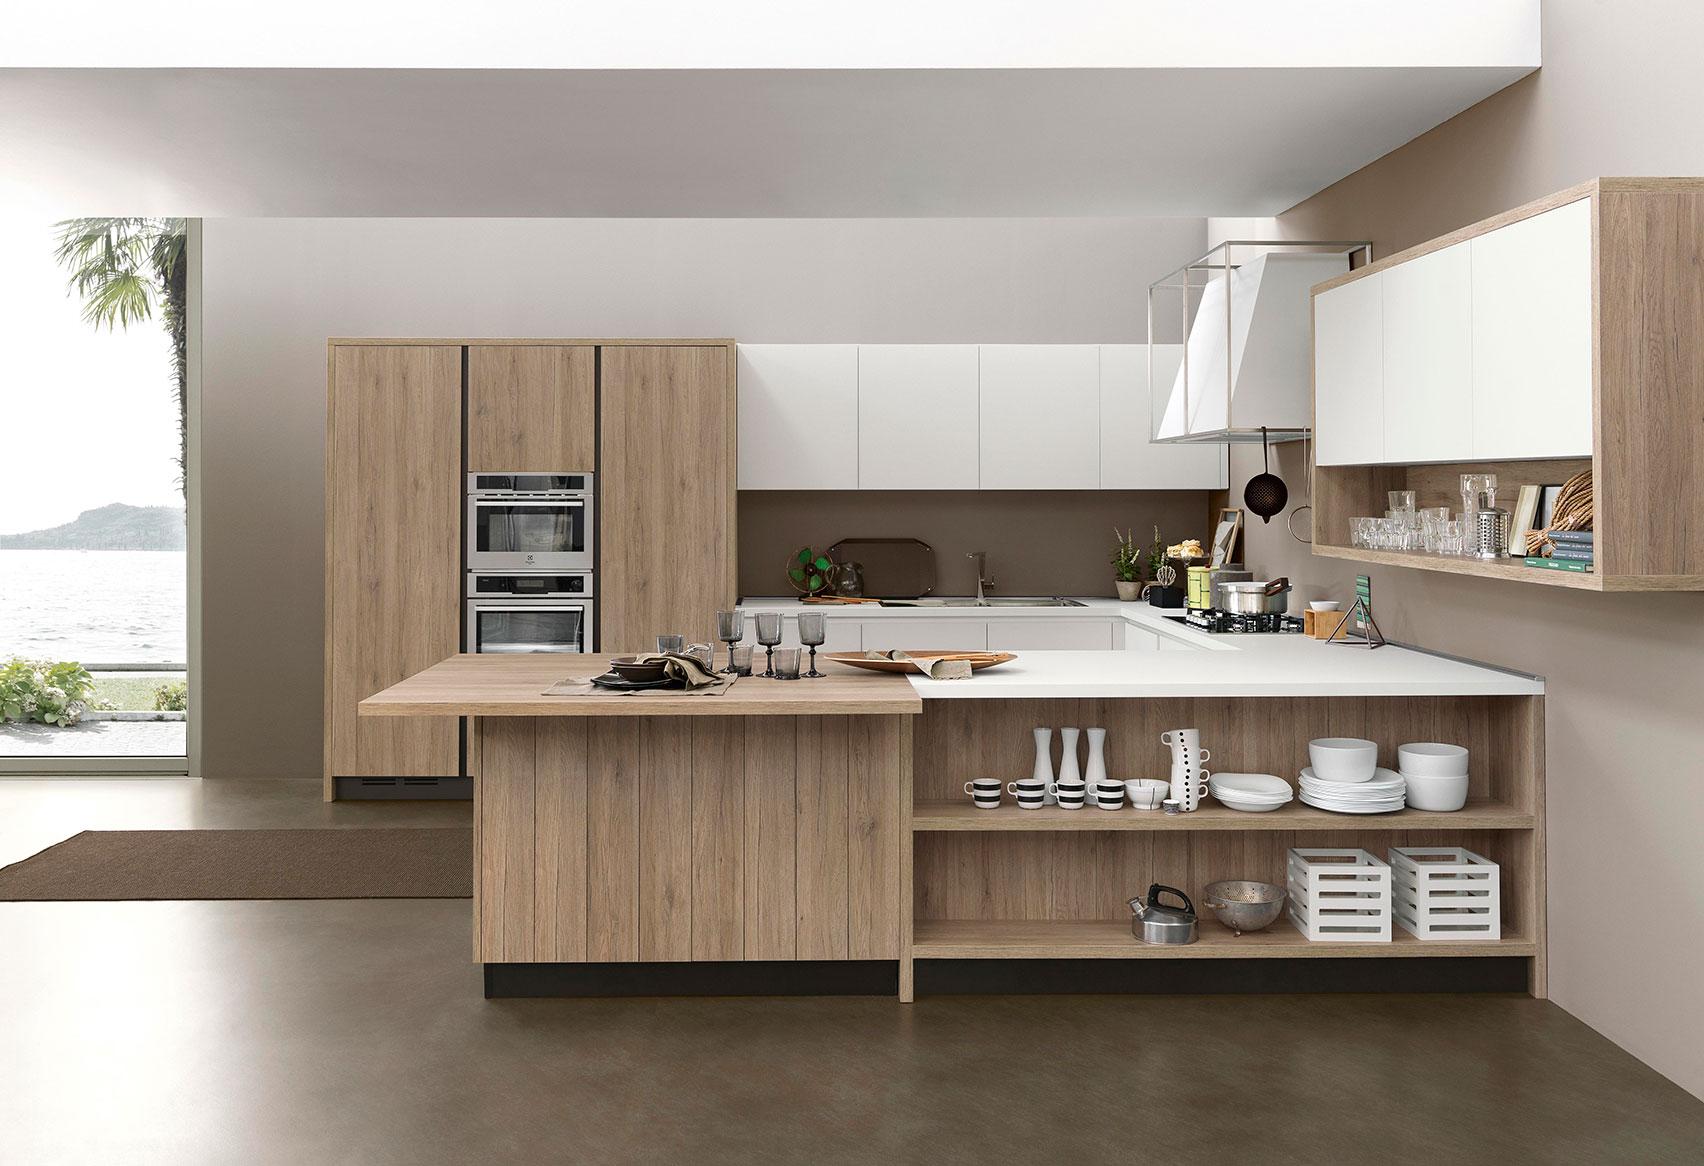 La madera en cocina - Cocinas de madera modernas ...